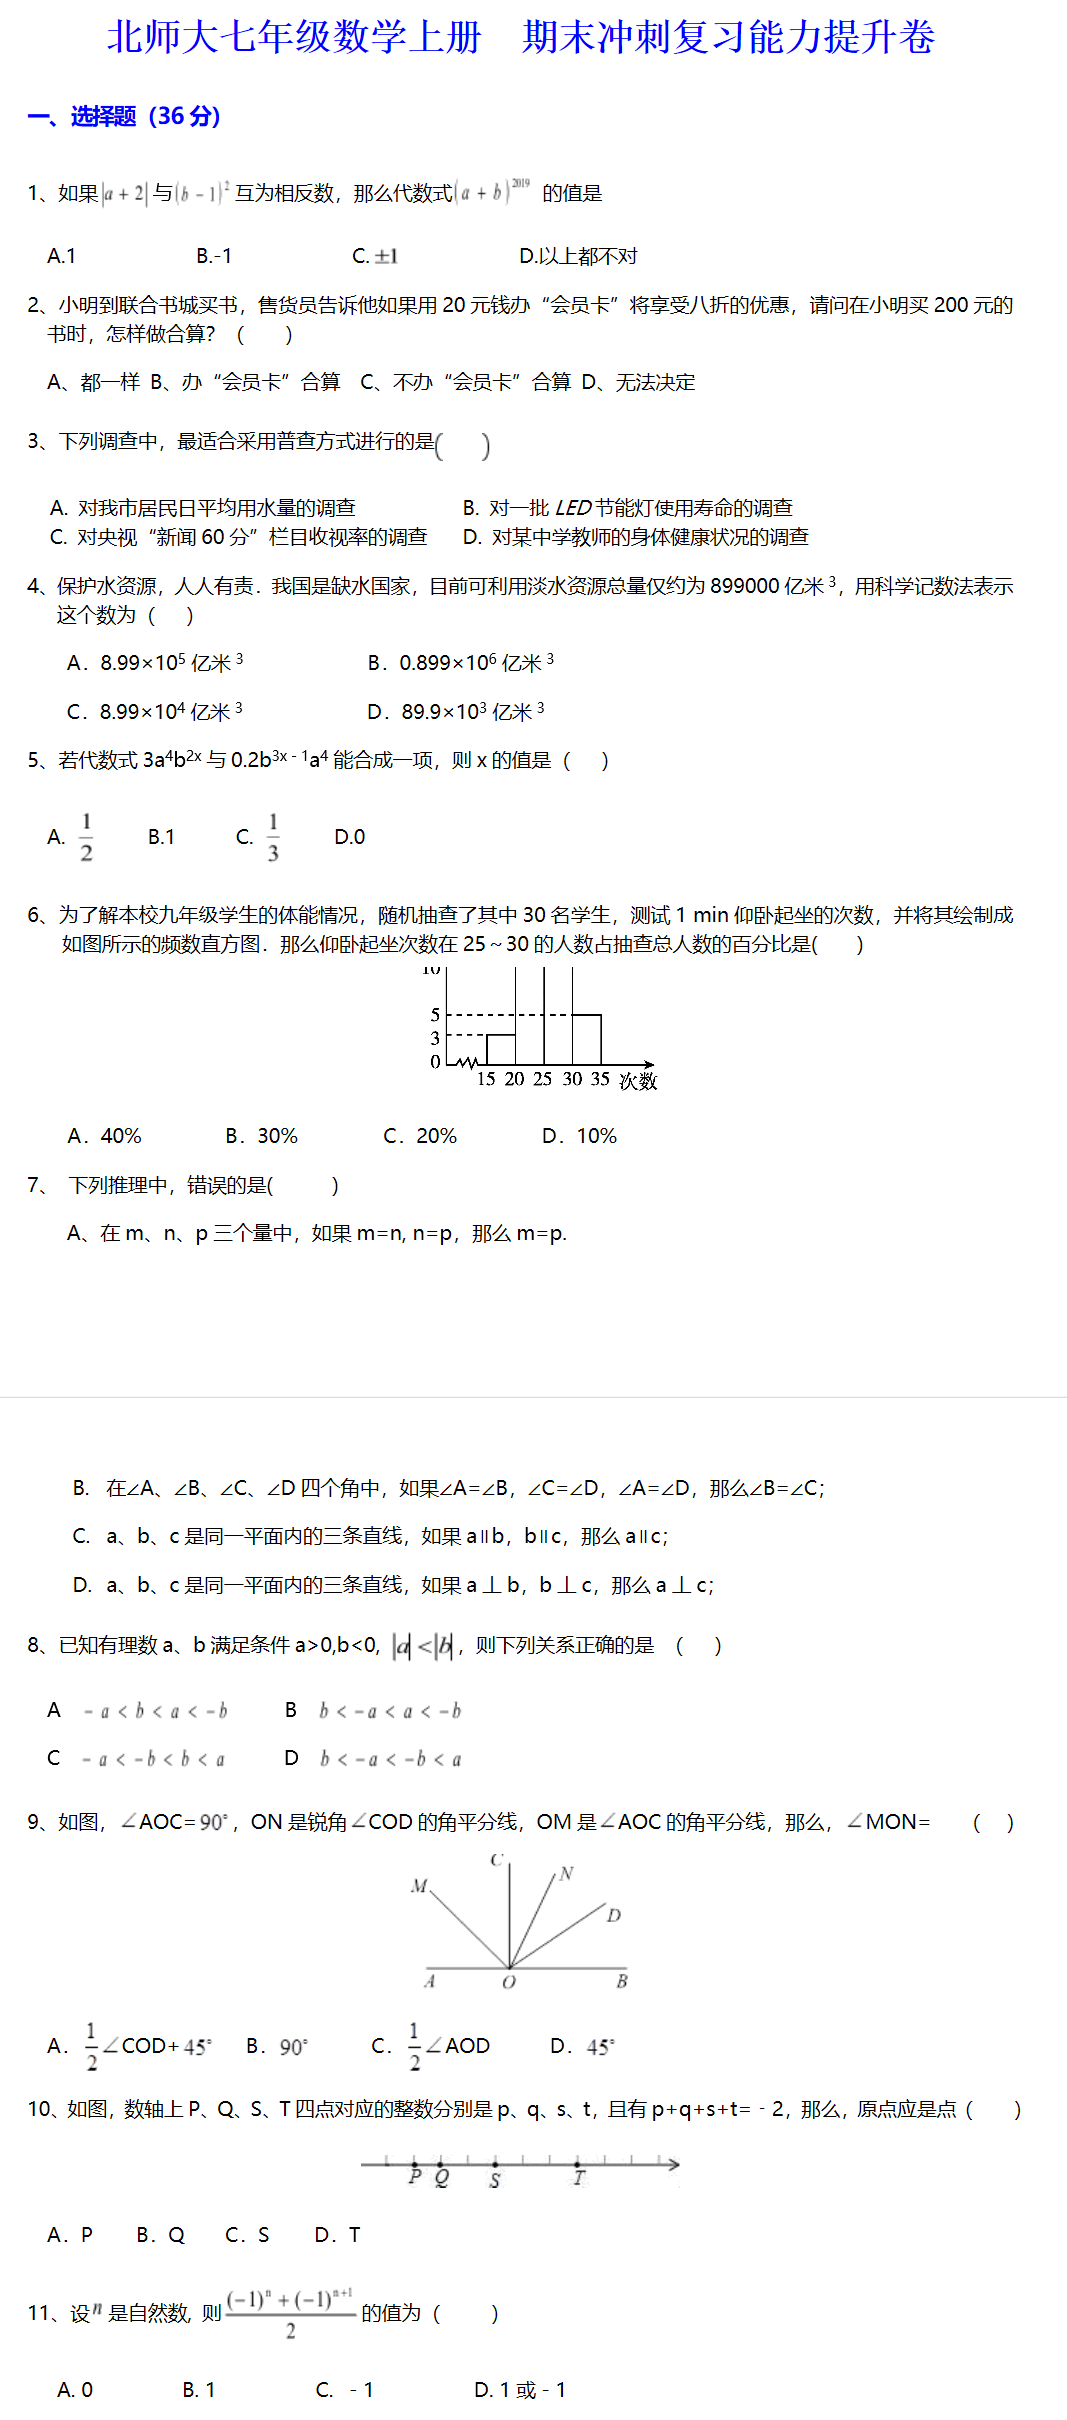 初一数学.png